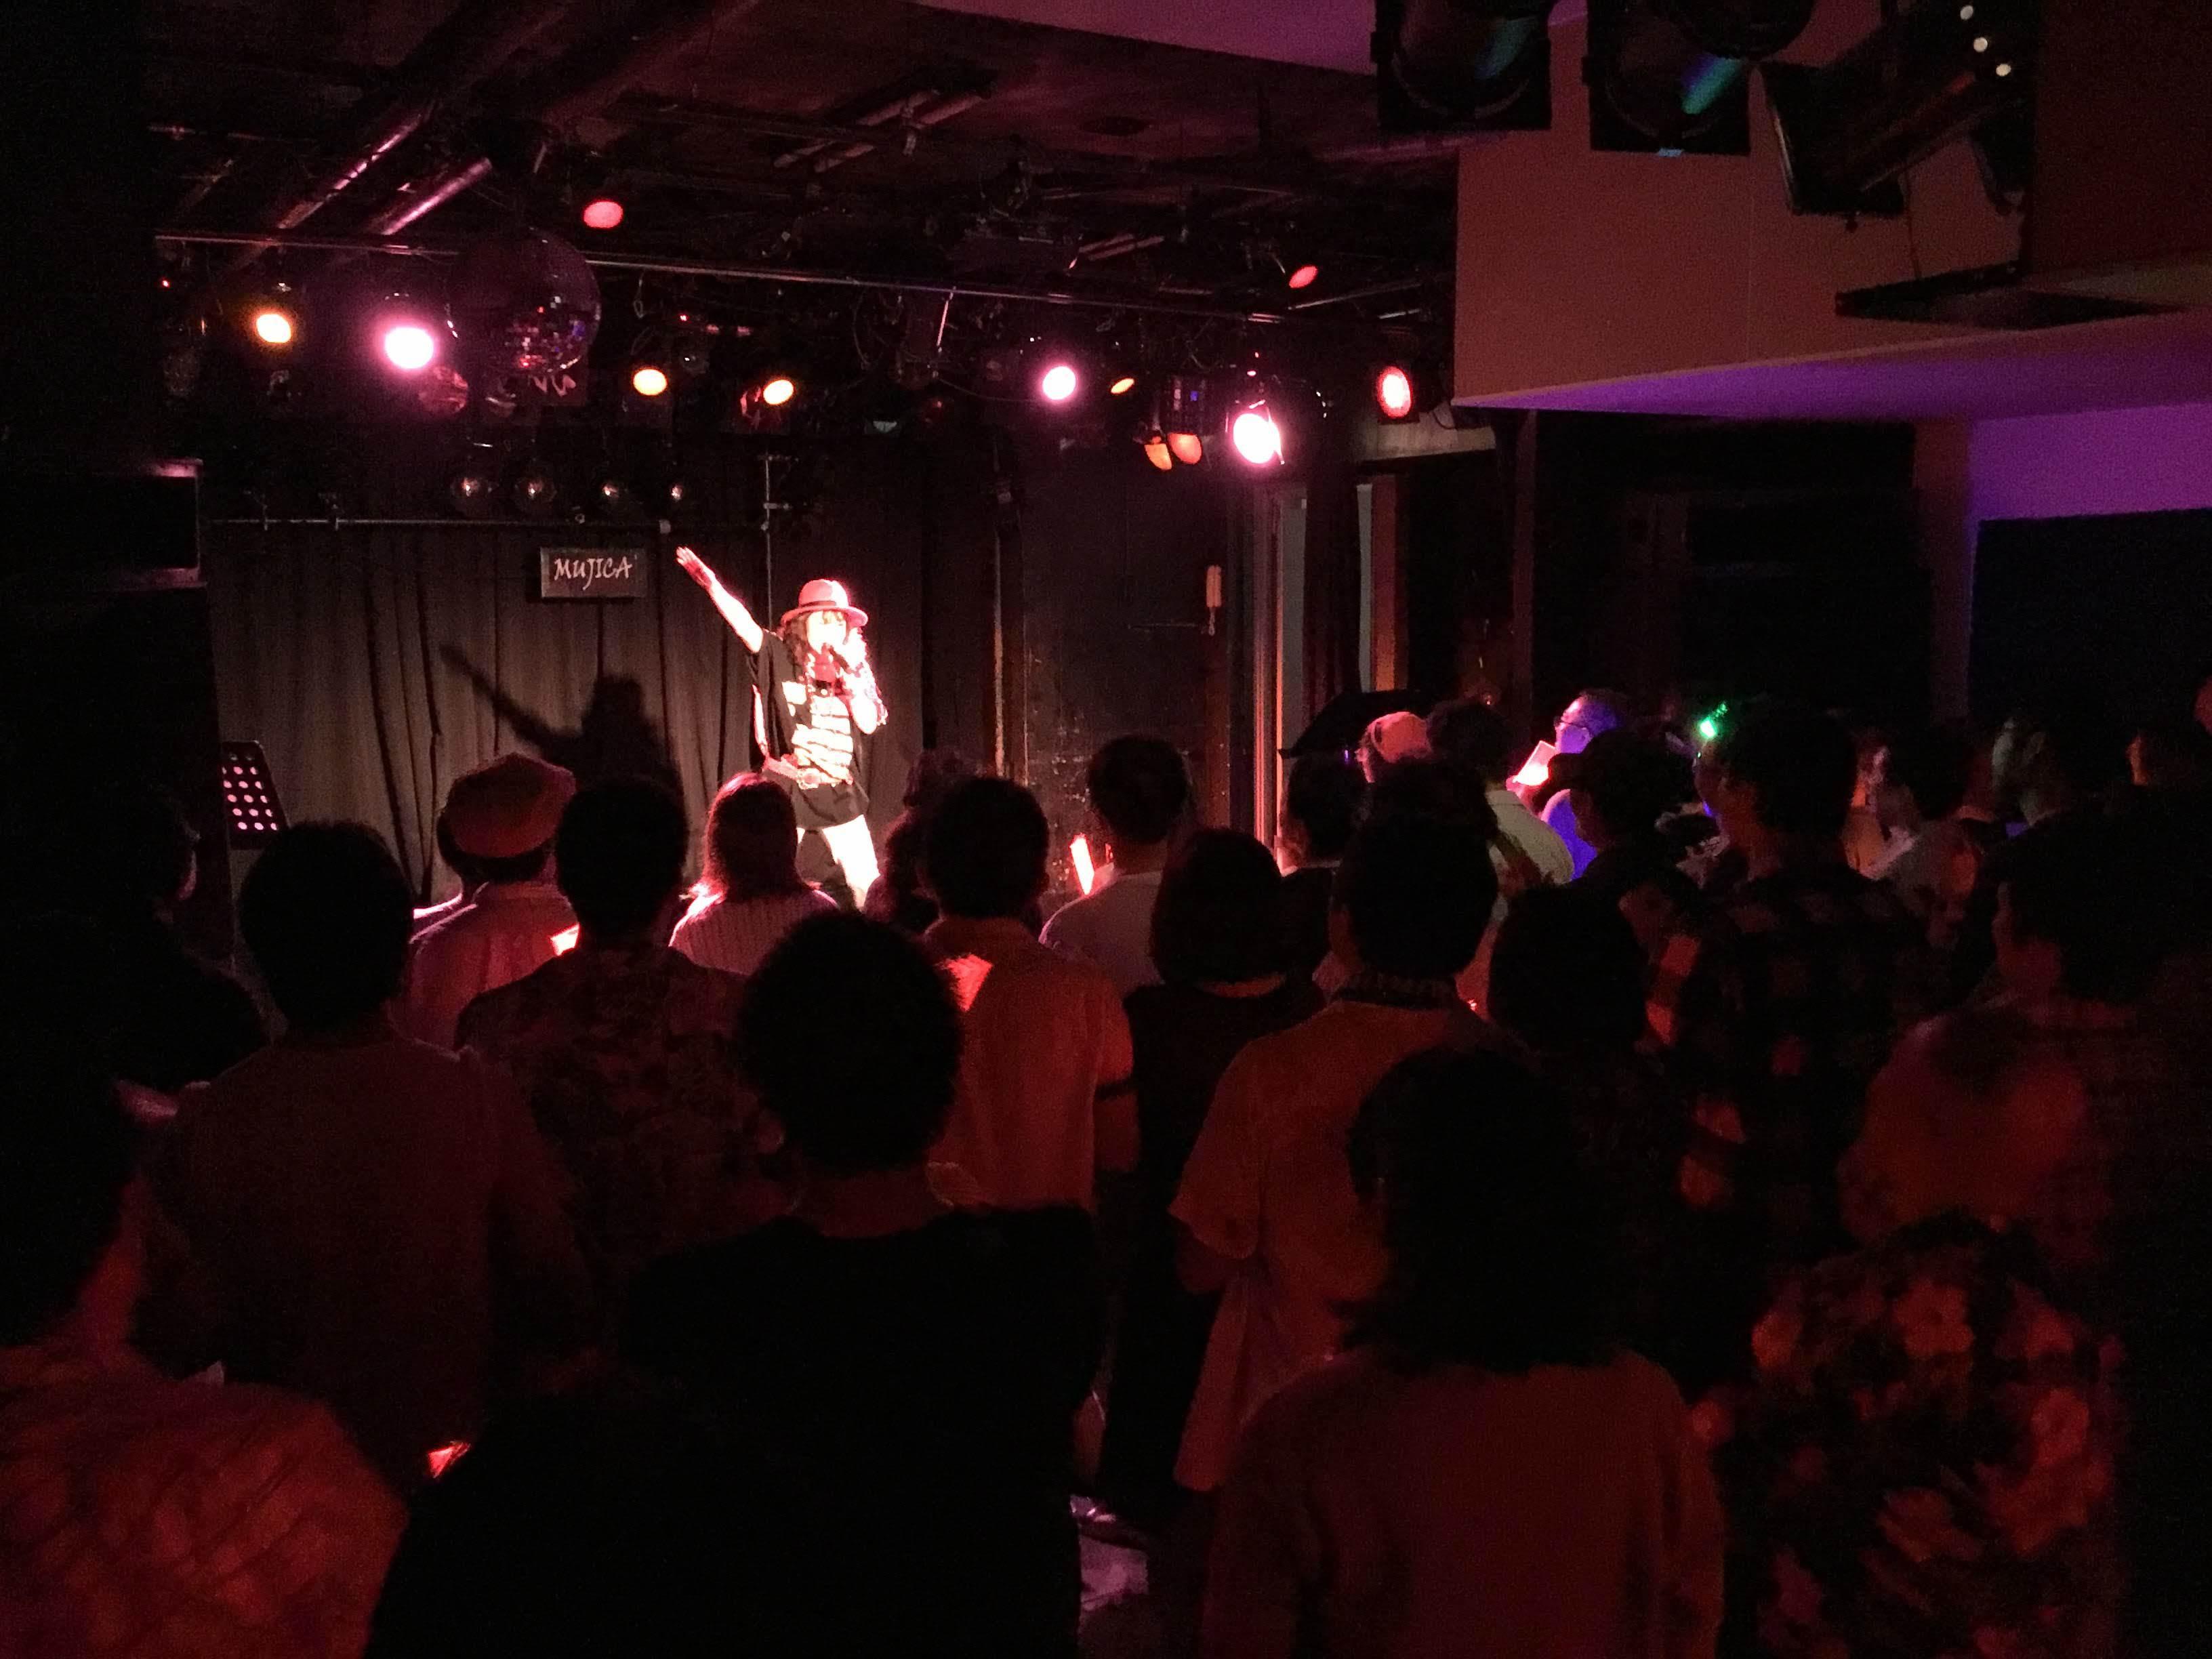 名古屋アニソン特撮ライブお疲れ様でした!_d0155569_16444692.jpg